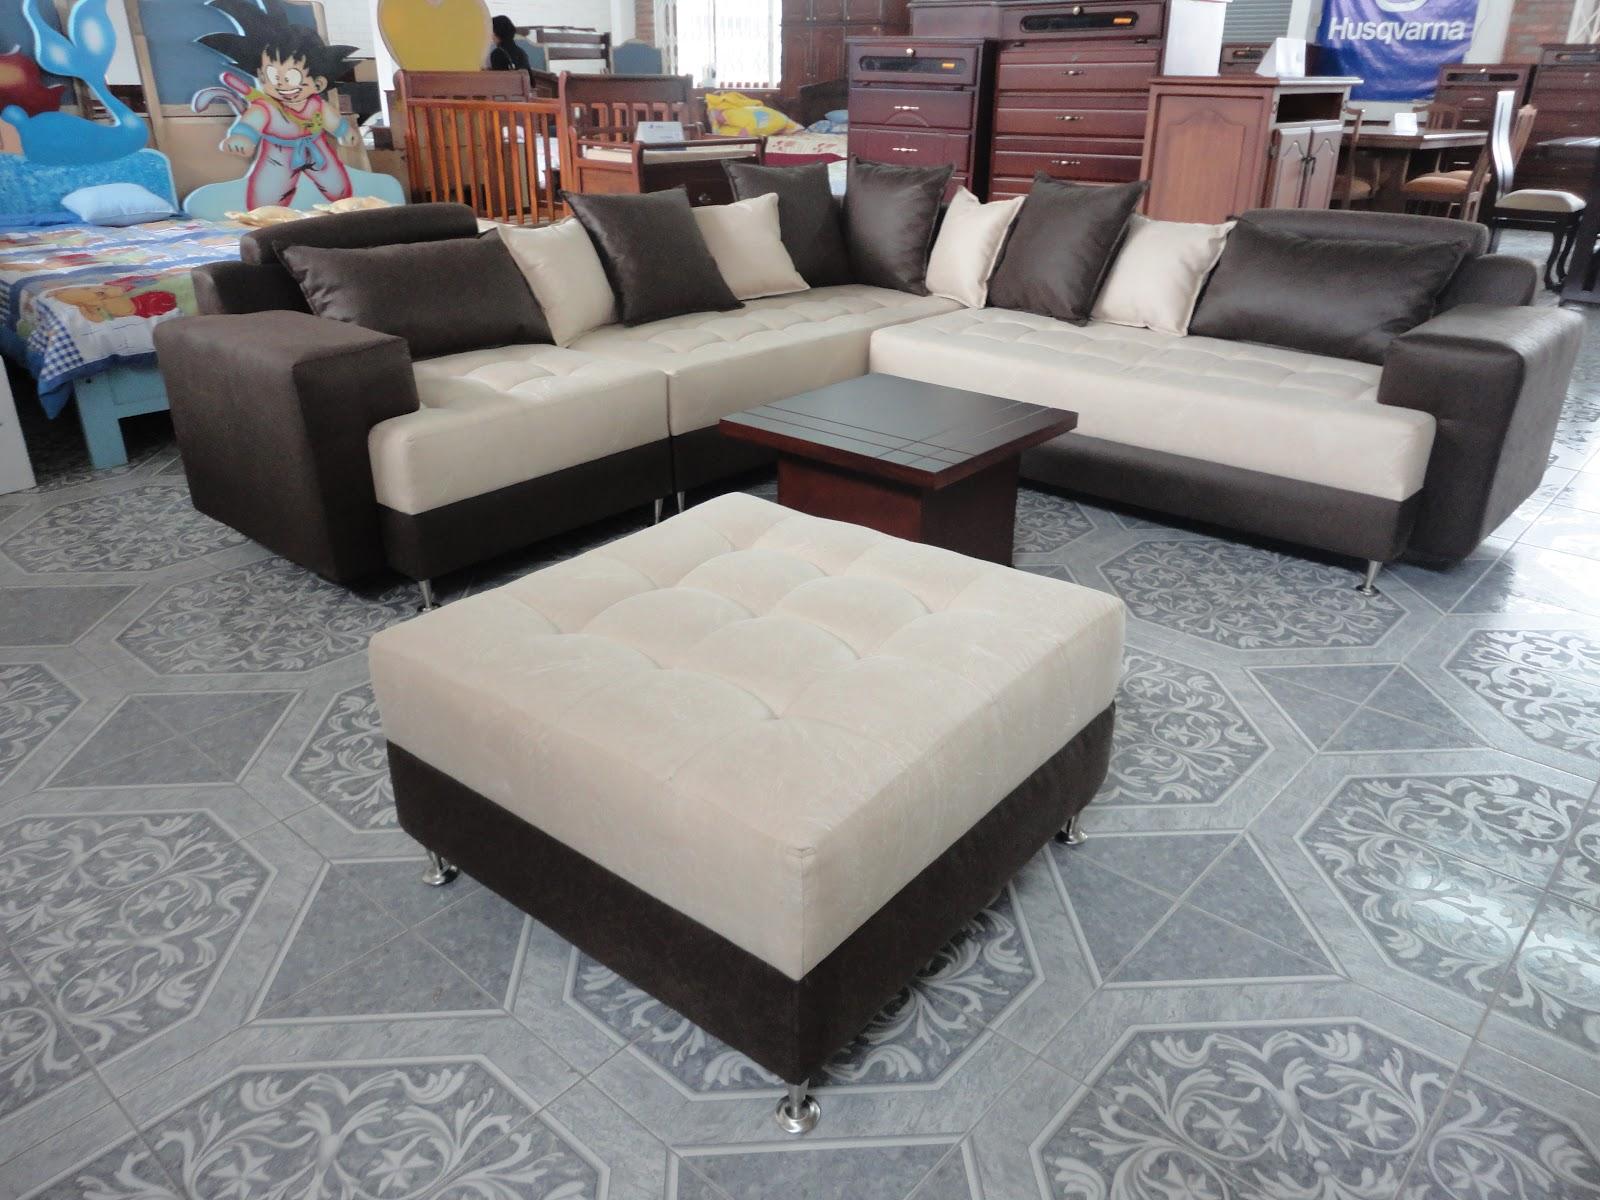 La feria de muebles for Feria de muebles